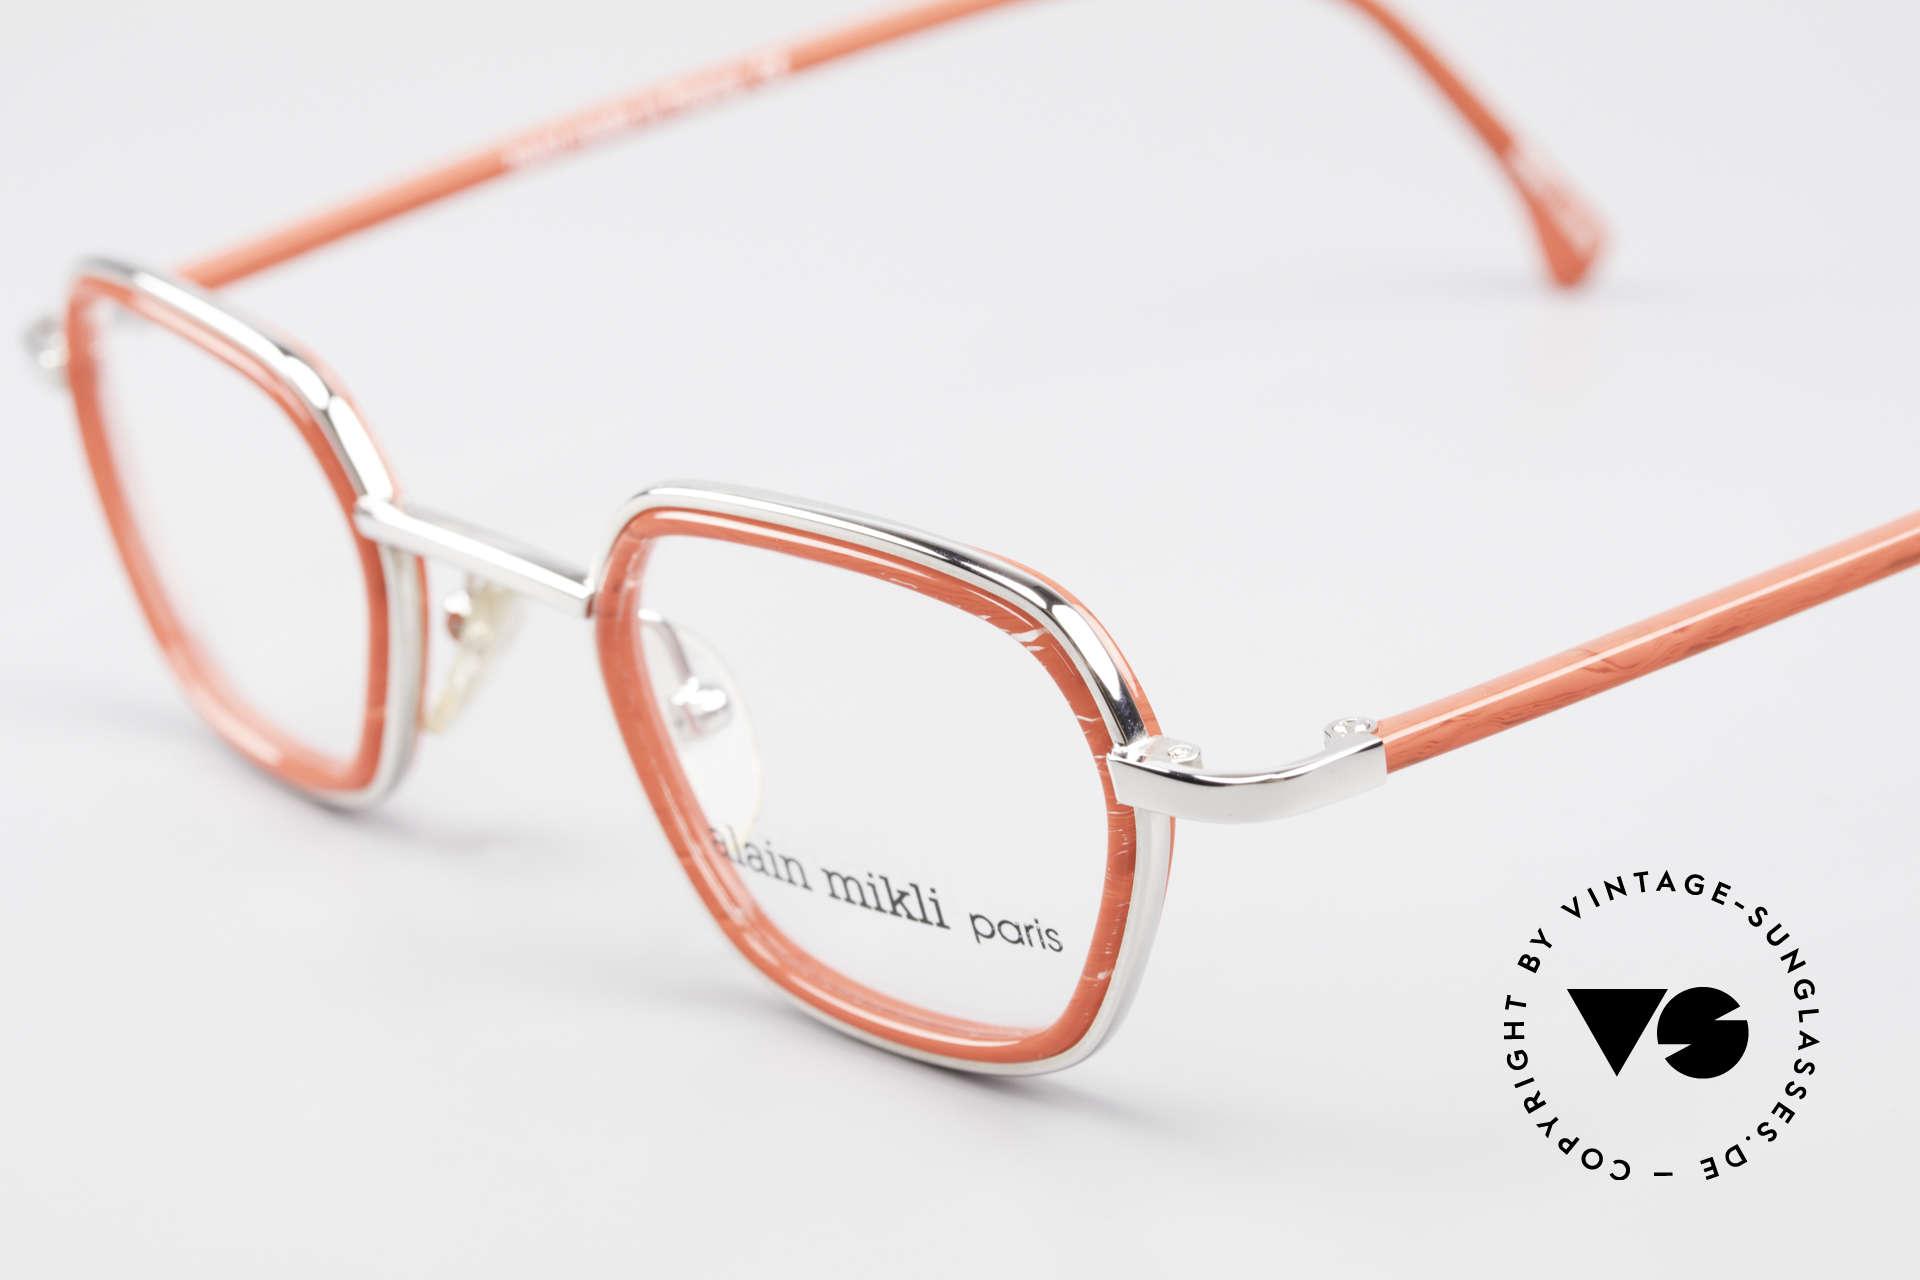 Alain Mikli 1642 / 1006 Vintage Brille In Mikli Rot, ungetragenes Einzelstück (wie alle unsere Miklis), Passend für Damen